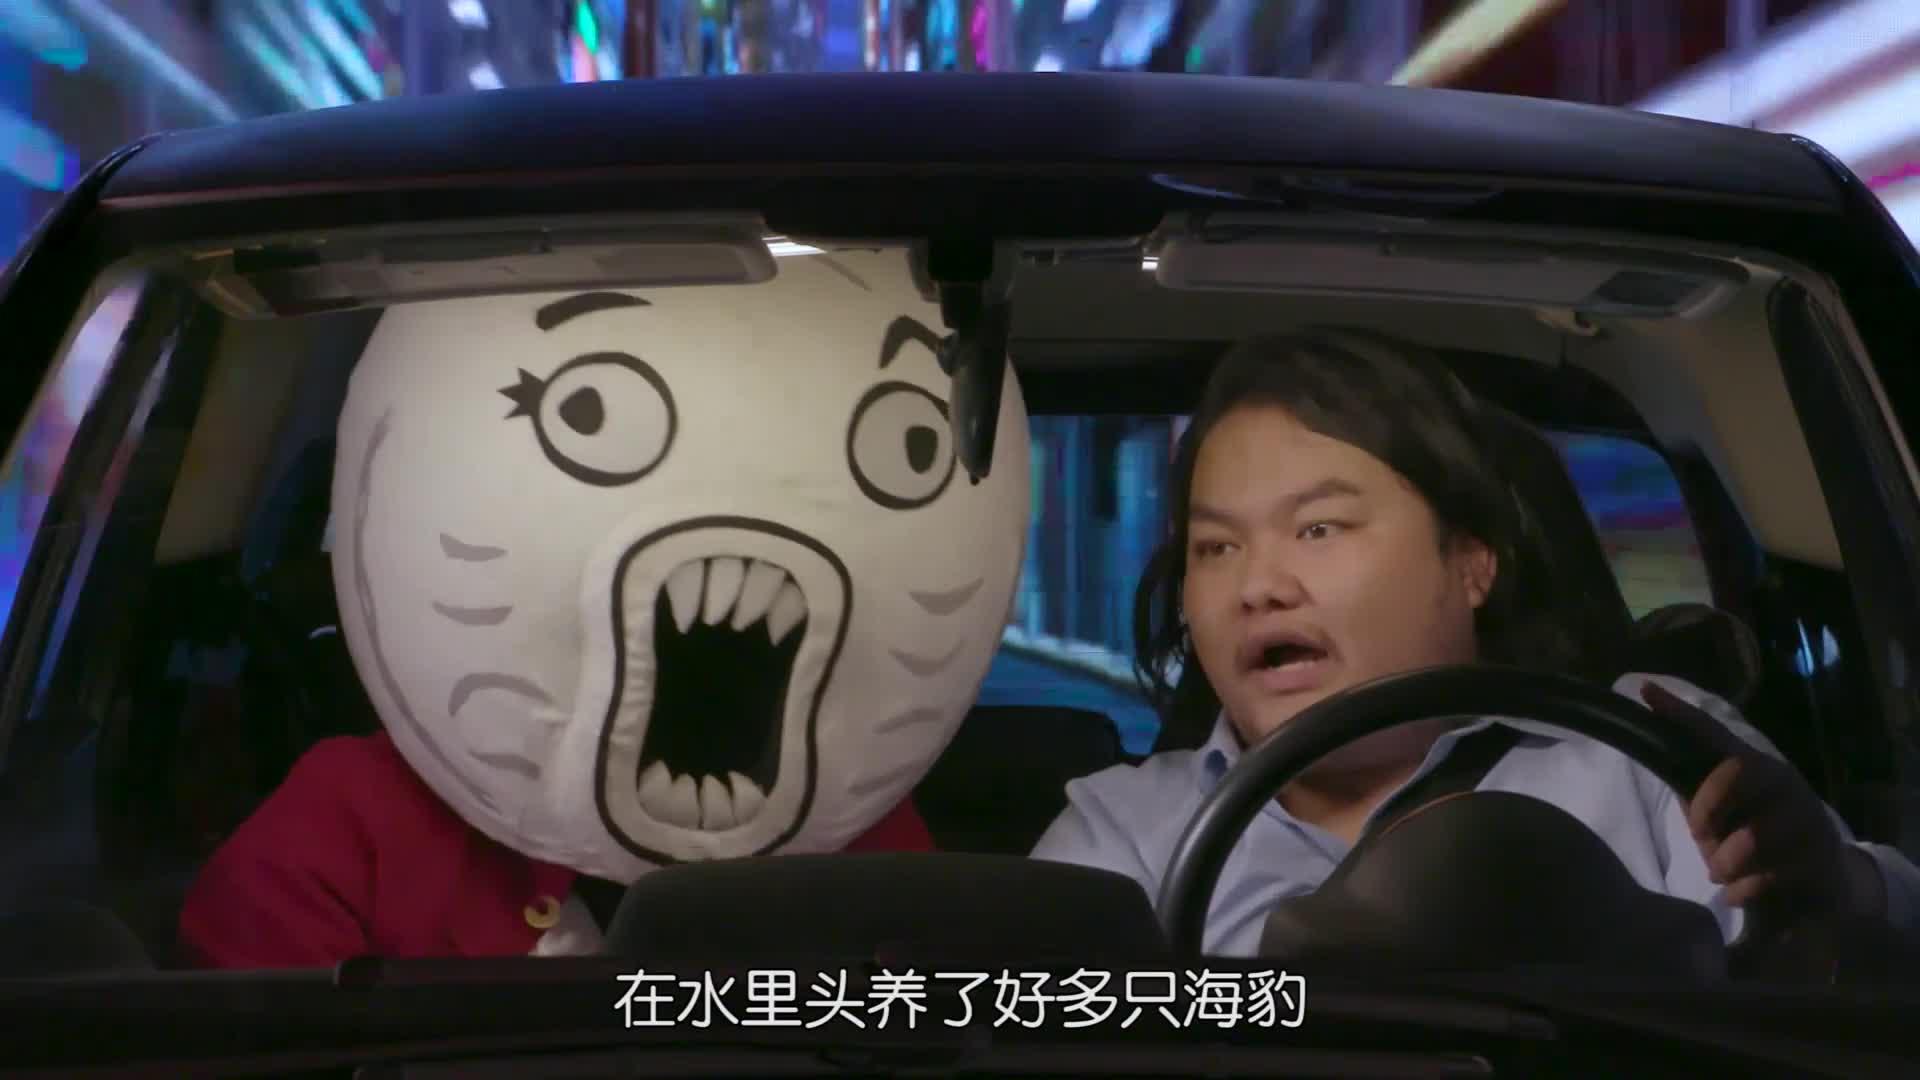 【独播】暴走《大事件》第六季 06 求星爷快来管管张全蛋!